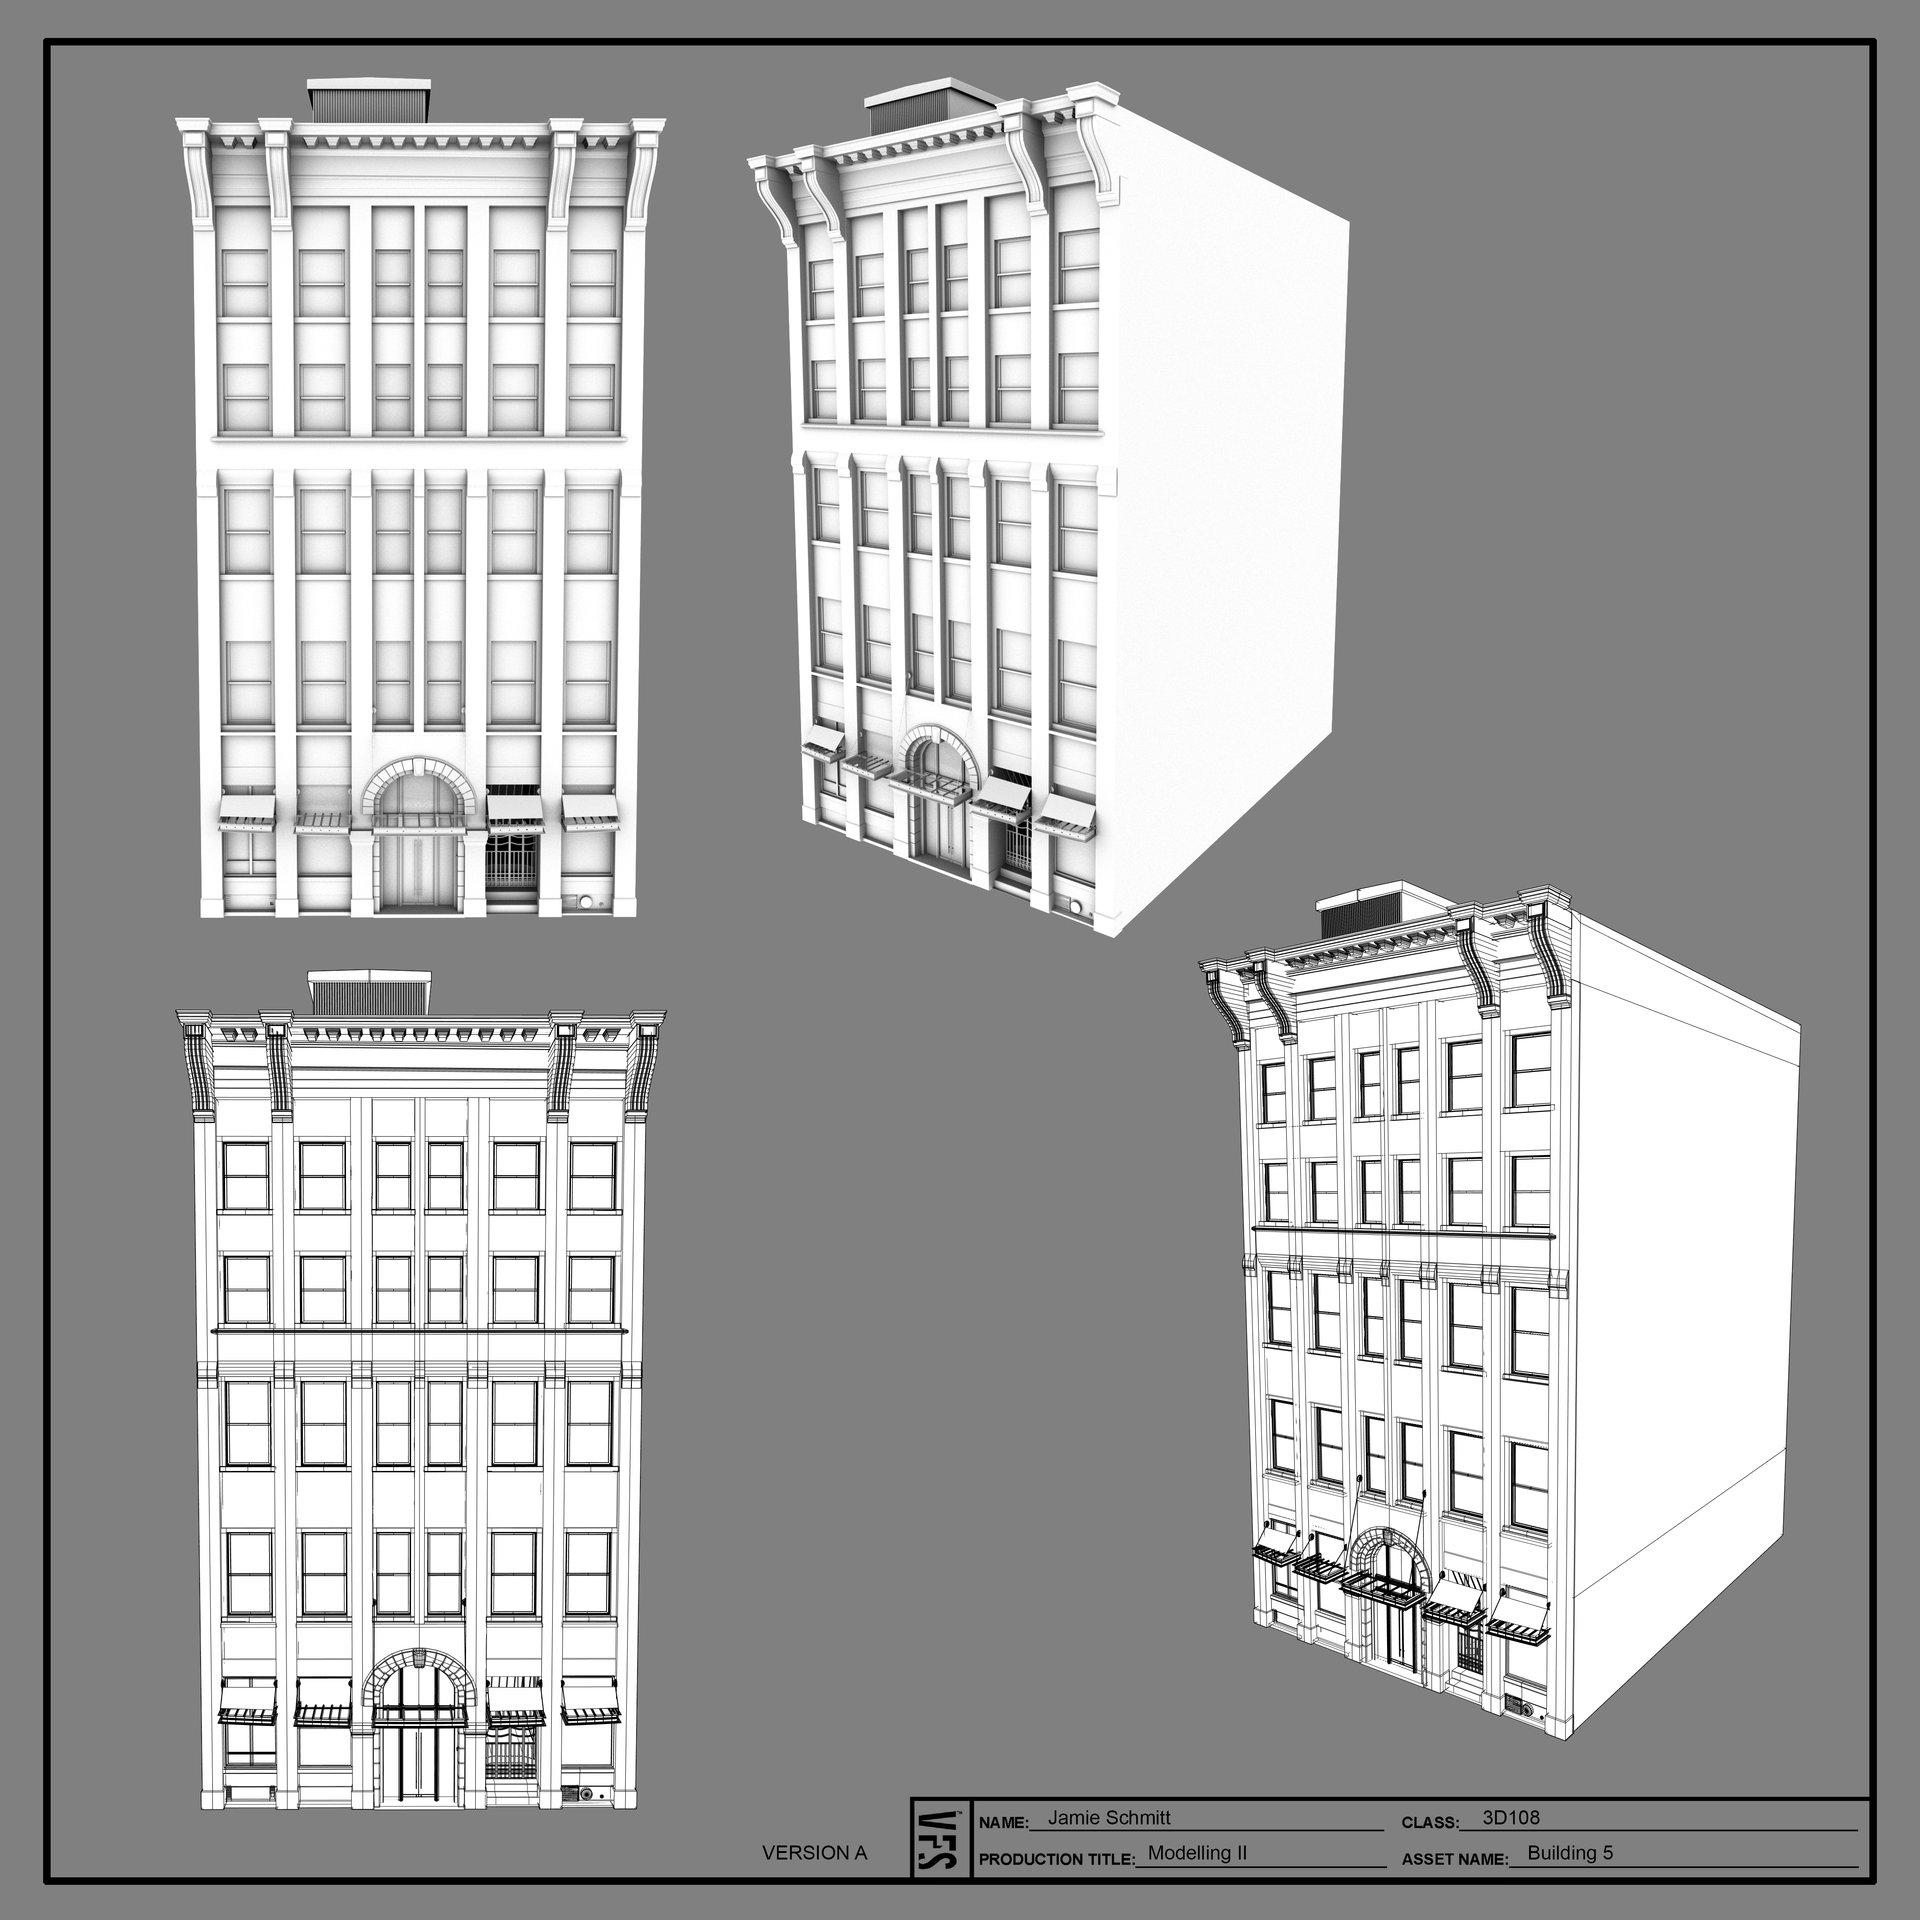 Jamie schmitt 3d108 jamieschmitt building5